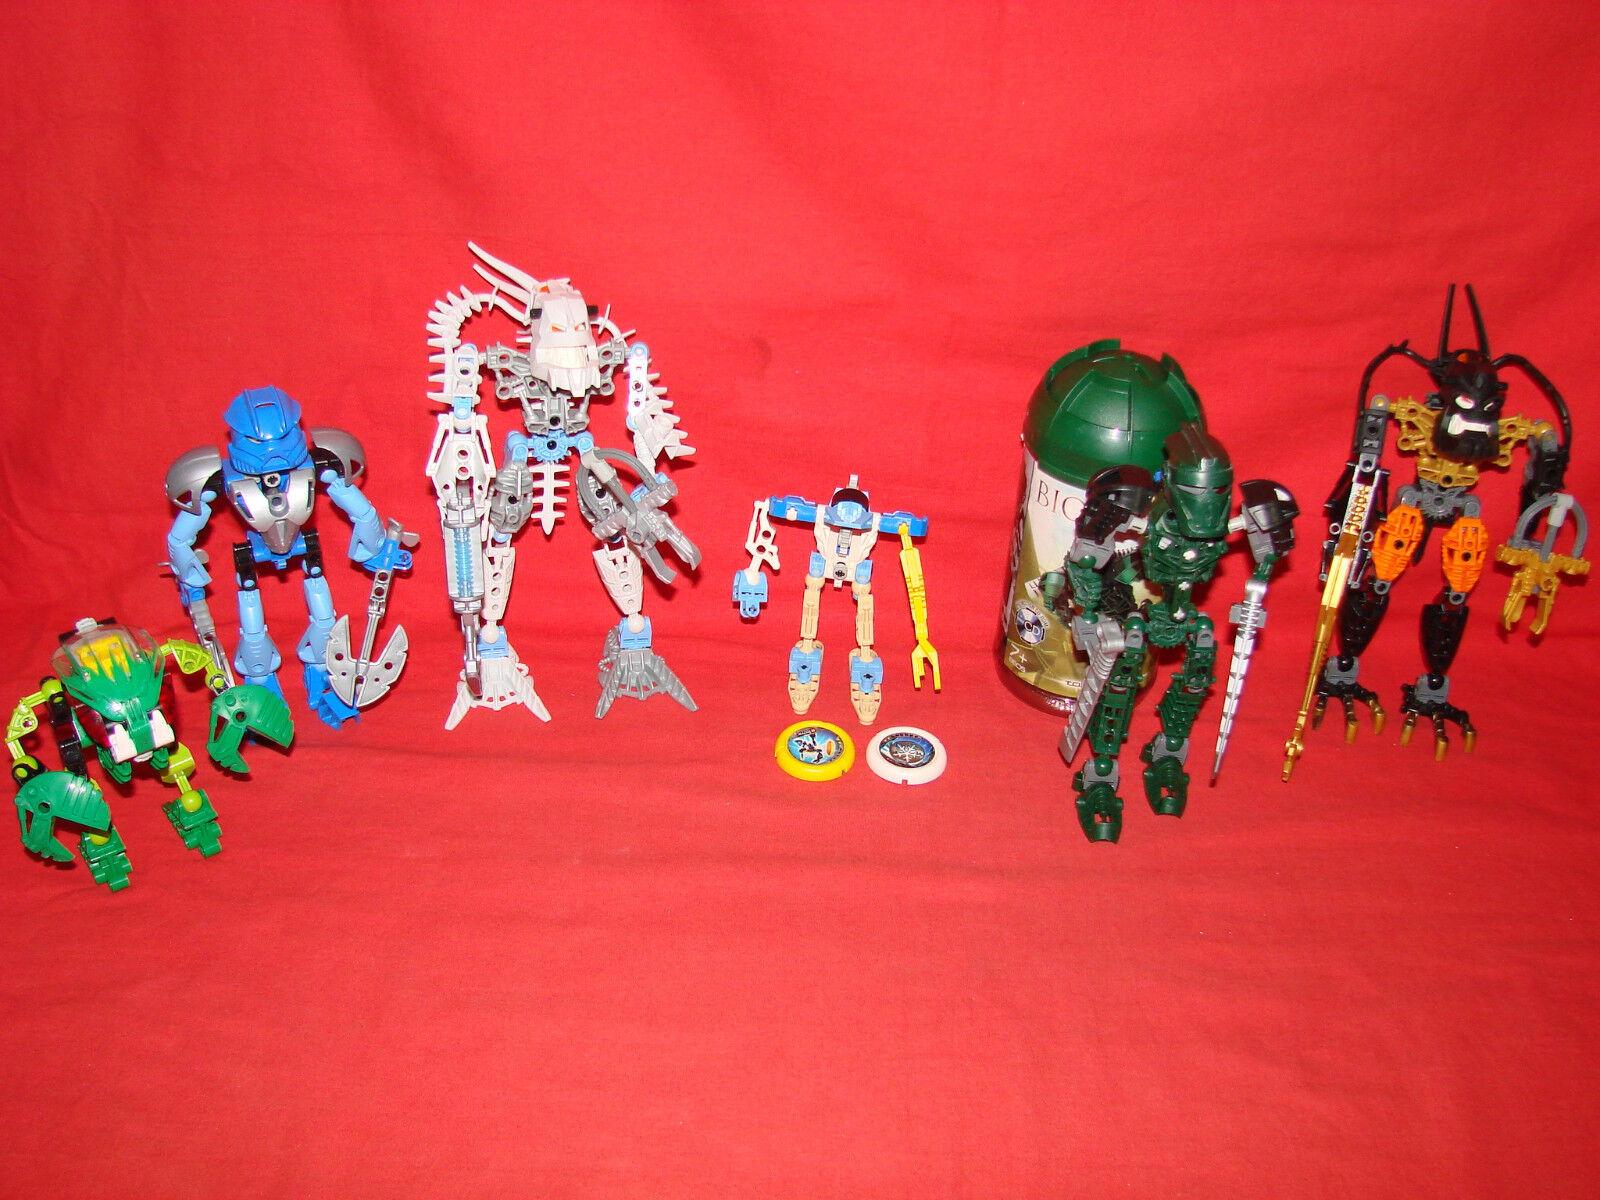 Lot de Lego Bionicle ref 8501     8564   8570   8605   8900   8905 - Jouet - Toy b9795e